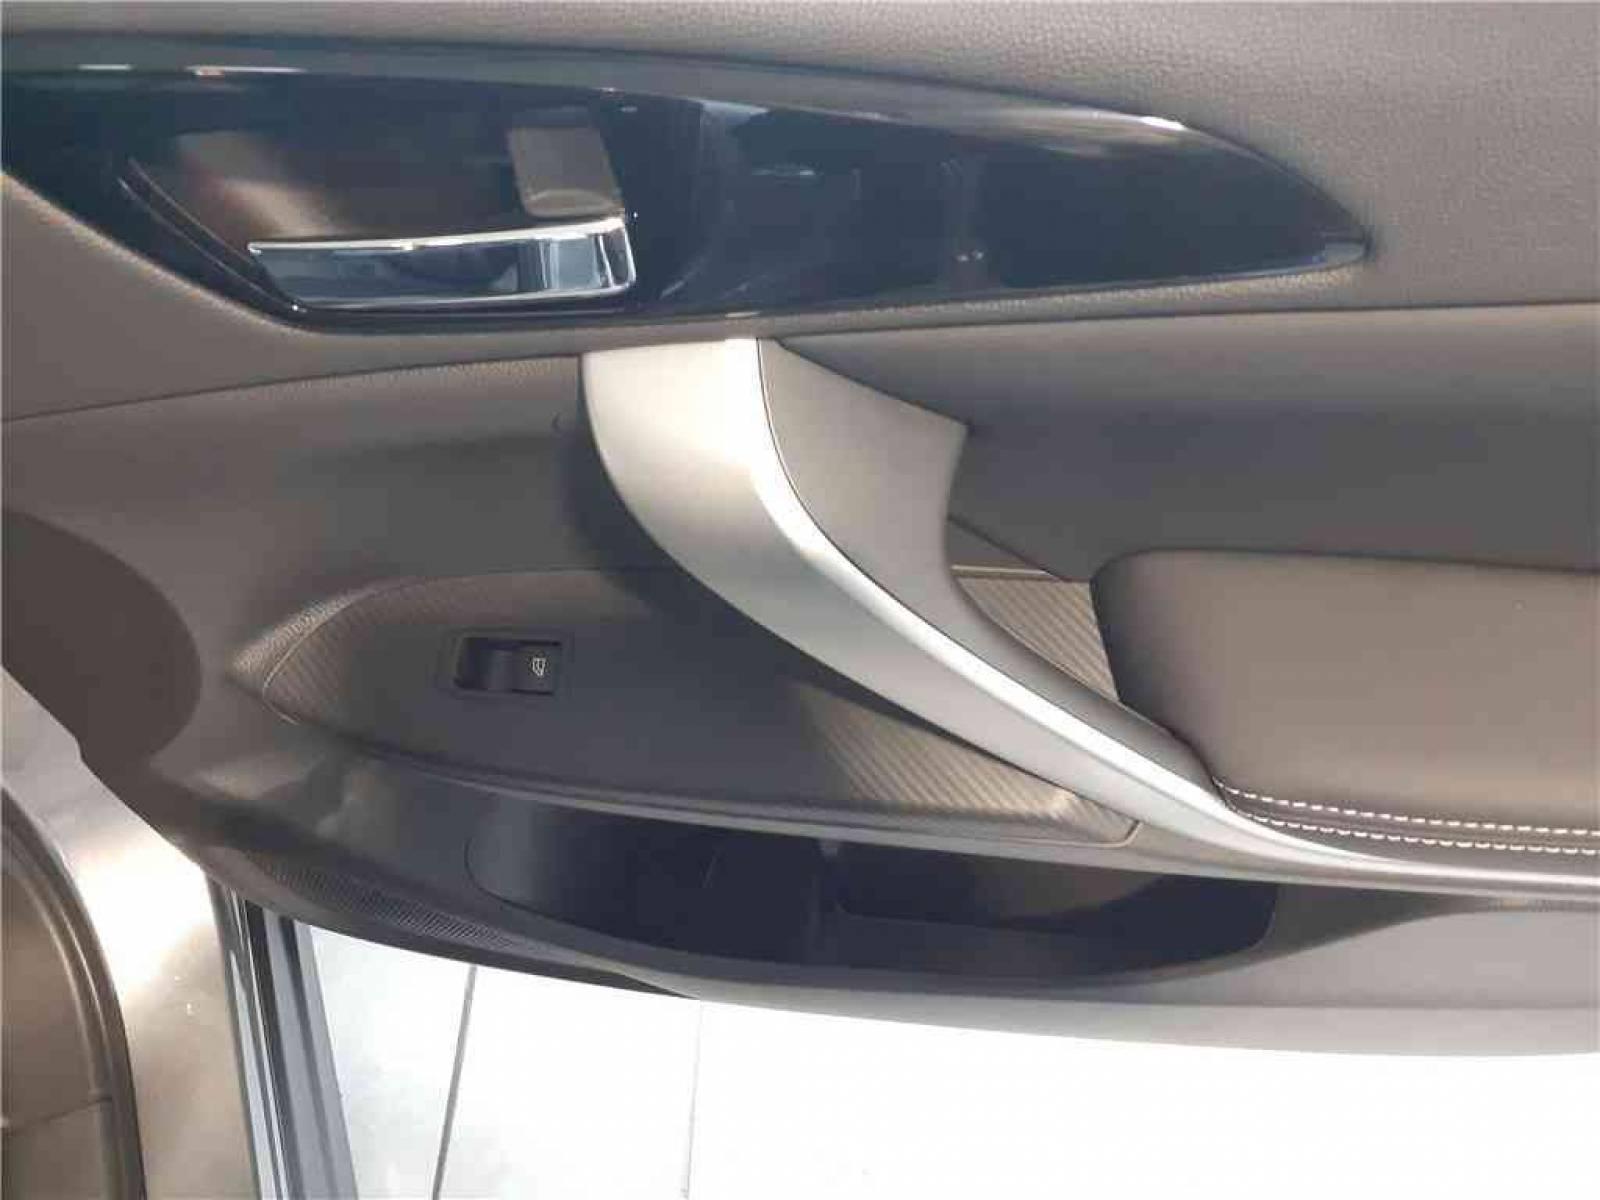 MITSUBISHI Eclipse Cross 2.4 MIVEC PHEV Twin Motor 4WD - véhicule d'occasion - Groupe Guillet - Hall de l'automobile - Chalon sur Saône - 71380 - Saint-Marcel - 33